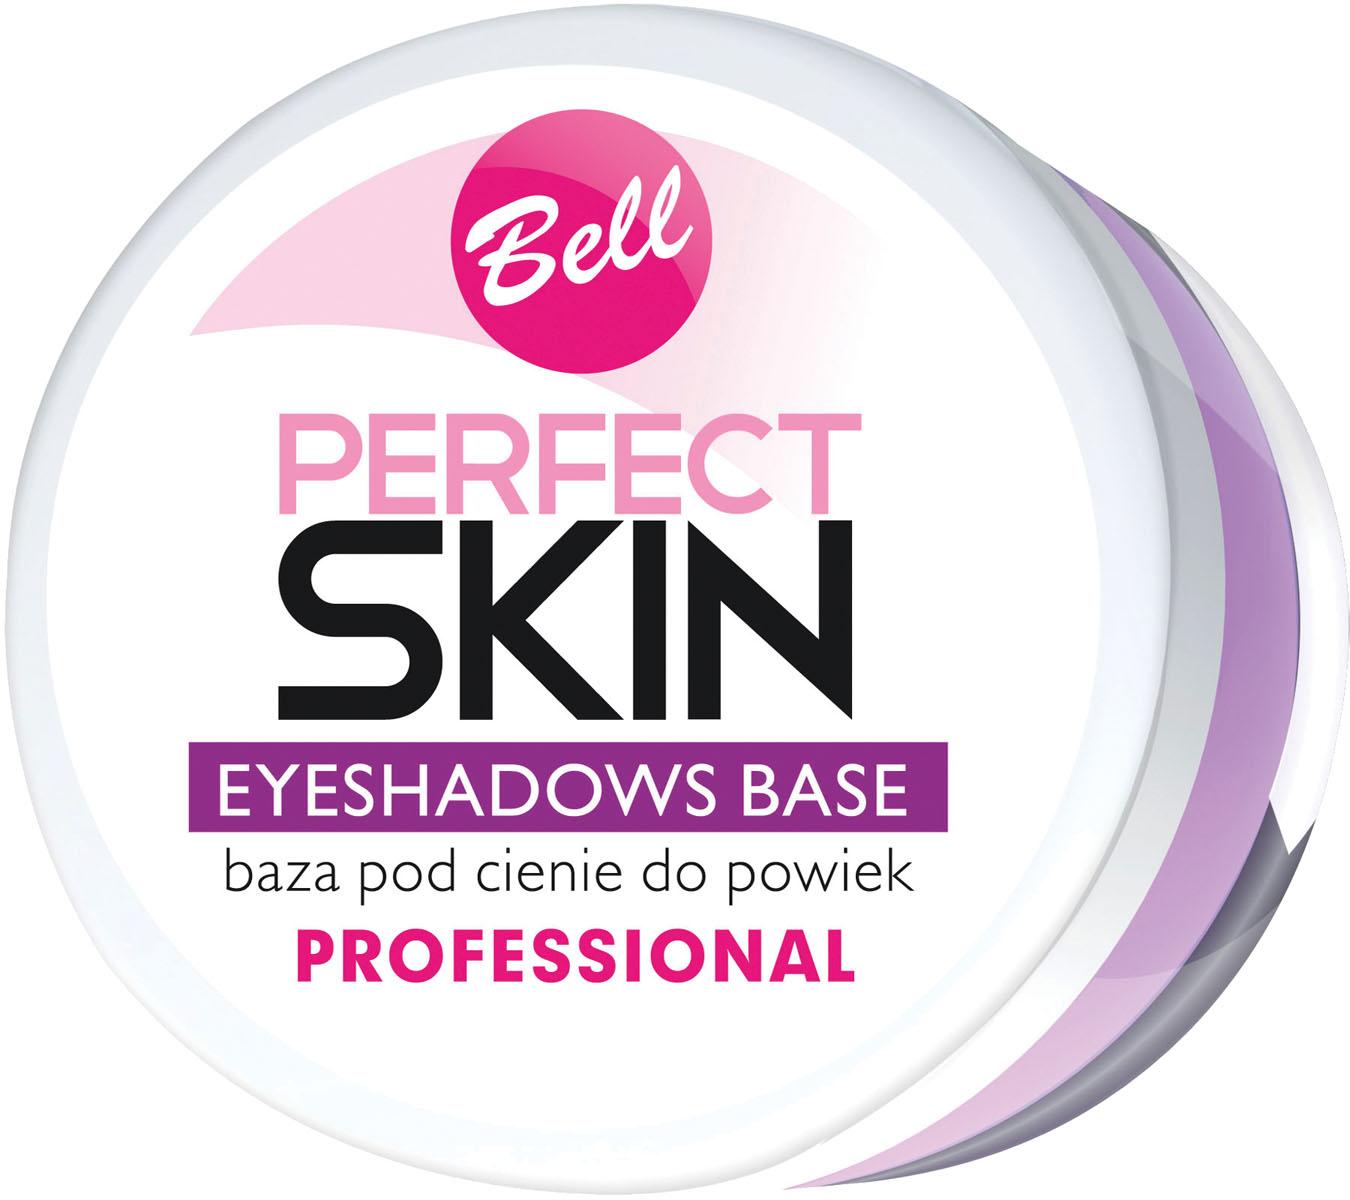 Bell База под тени для век Perfect Skin Eyeshadow Base Тон 20, 4 грBfbcPS020Основа наносится на веки перед нанесением теней, делает цвет более насыщенным и продлевает стойкость макияжа. Предотвращает осыпание теней и их скопление в складках век. Содержит UVB фильтр.Для обеспечения стойкого макияжа глаз.Особенности состава: Продлевает стойкость макияжаСпособ применения: Нанесите небольшое количество основы, нежно распределите по всему веку, начиная от линии ресниц. Дождаться высыхания основы, а затем сделать макияж.